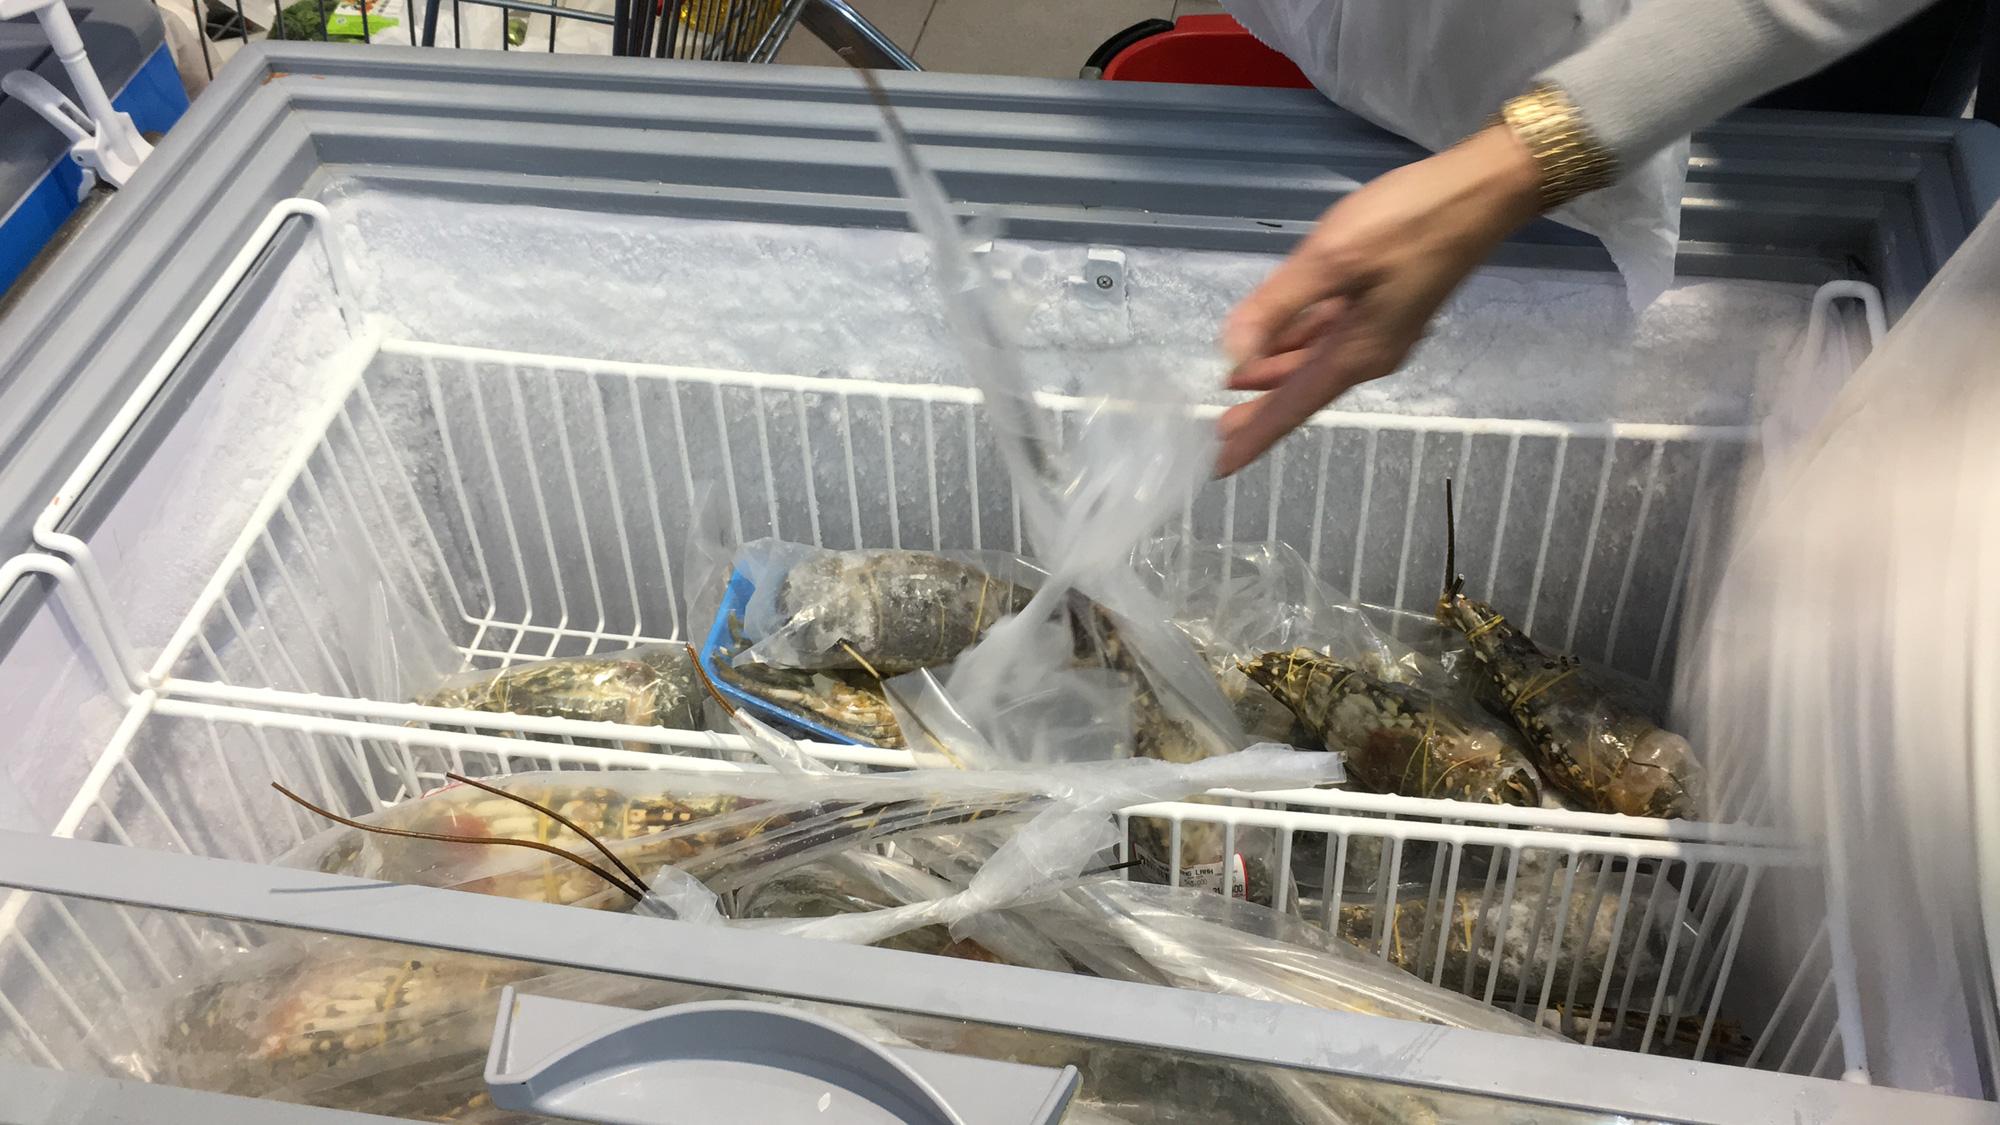 Giải cứu tôm hùm ở Đà Nẵng: Sức mua nhẹ, người dân muốn mua loại còn sống nhưng chỉ có hàng đông lạnh - Ảnh 4.